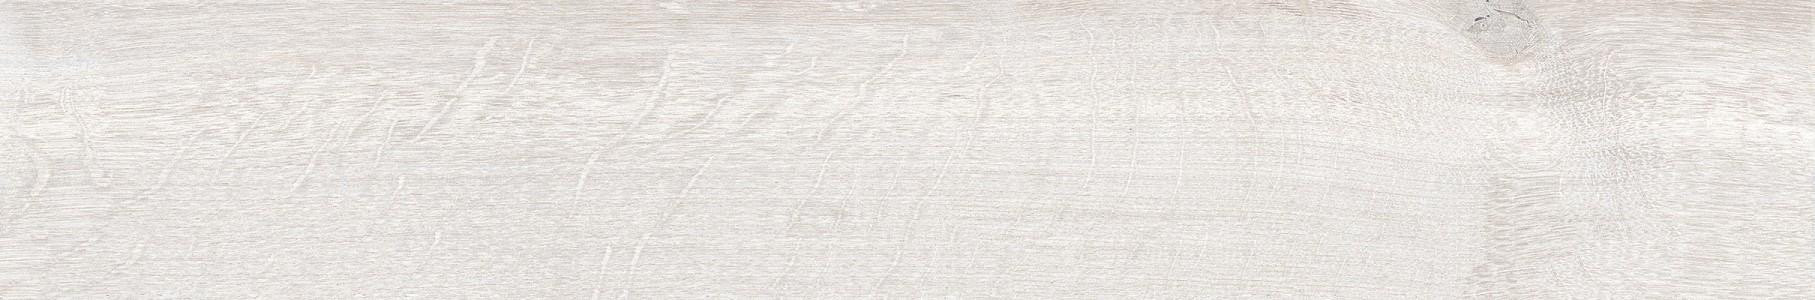 Craven Dunnill CD2M93 Oakmere Floor Tile 1210x200mm - White [Pack Quantity 100]